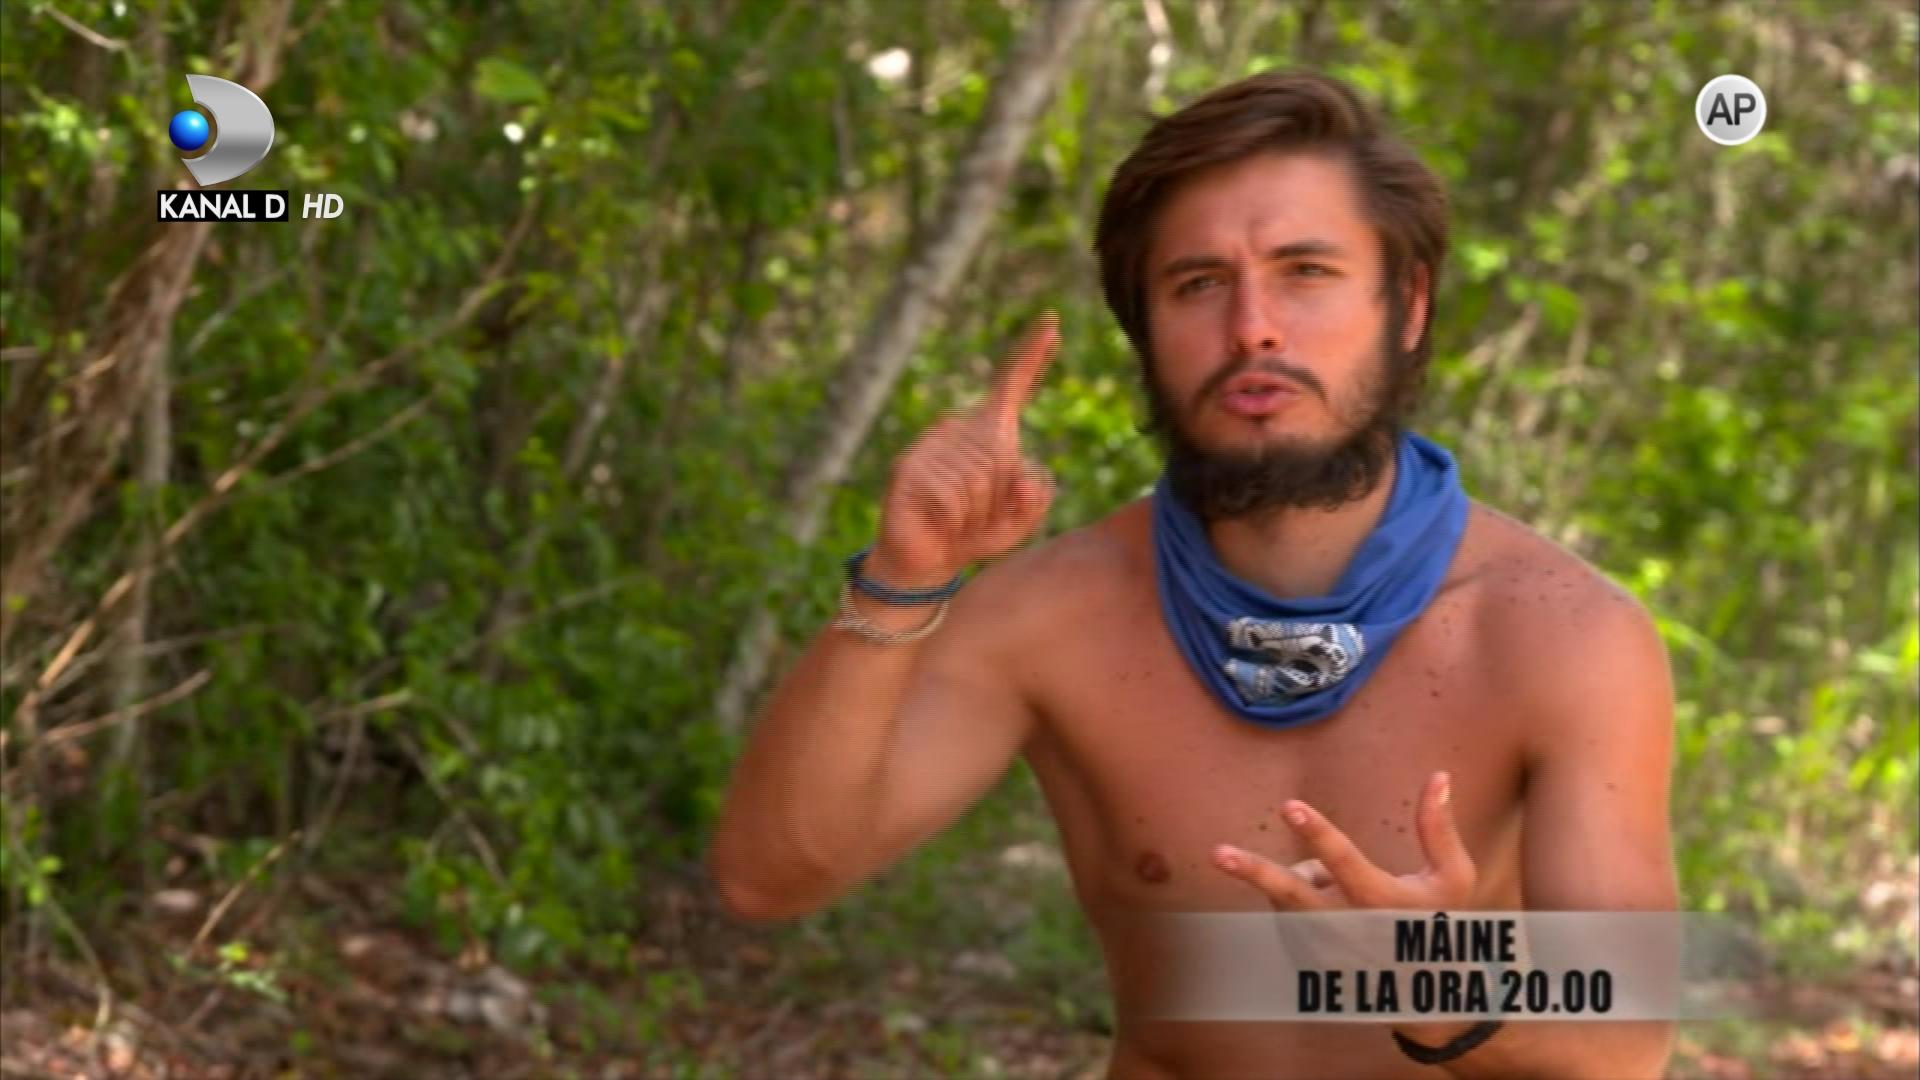 """Situație dramatică în echipa Războinicilor la Survivor România 2021. Albert ajunge la capătul răbdării după ce au pierdut jocul de imunitate: """"Ne certăm între noi, pleacă mereu cineva de la noi..."""""""